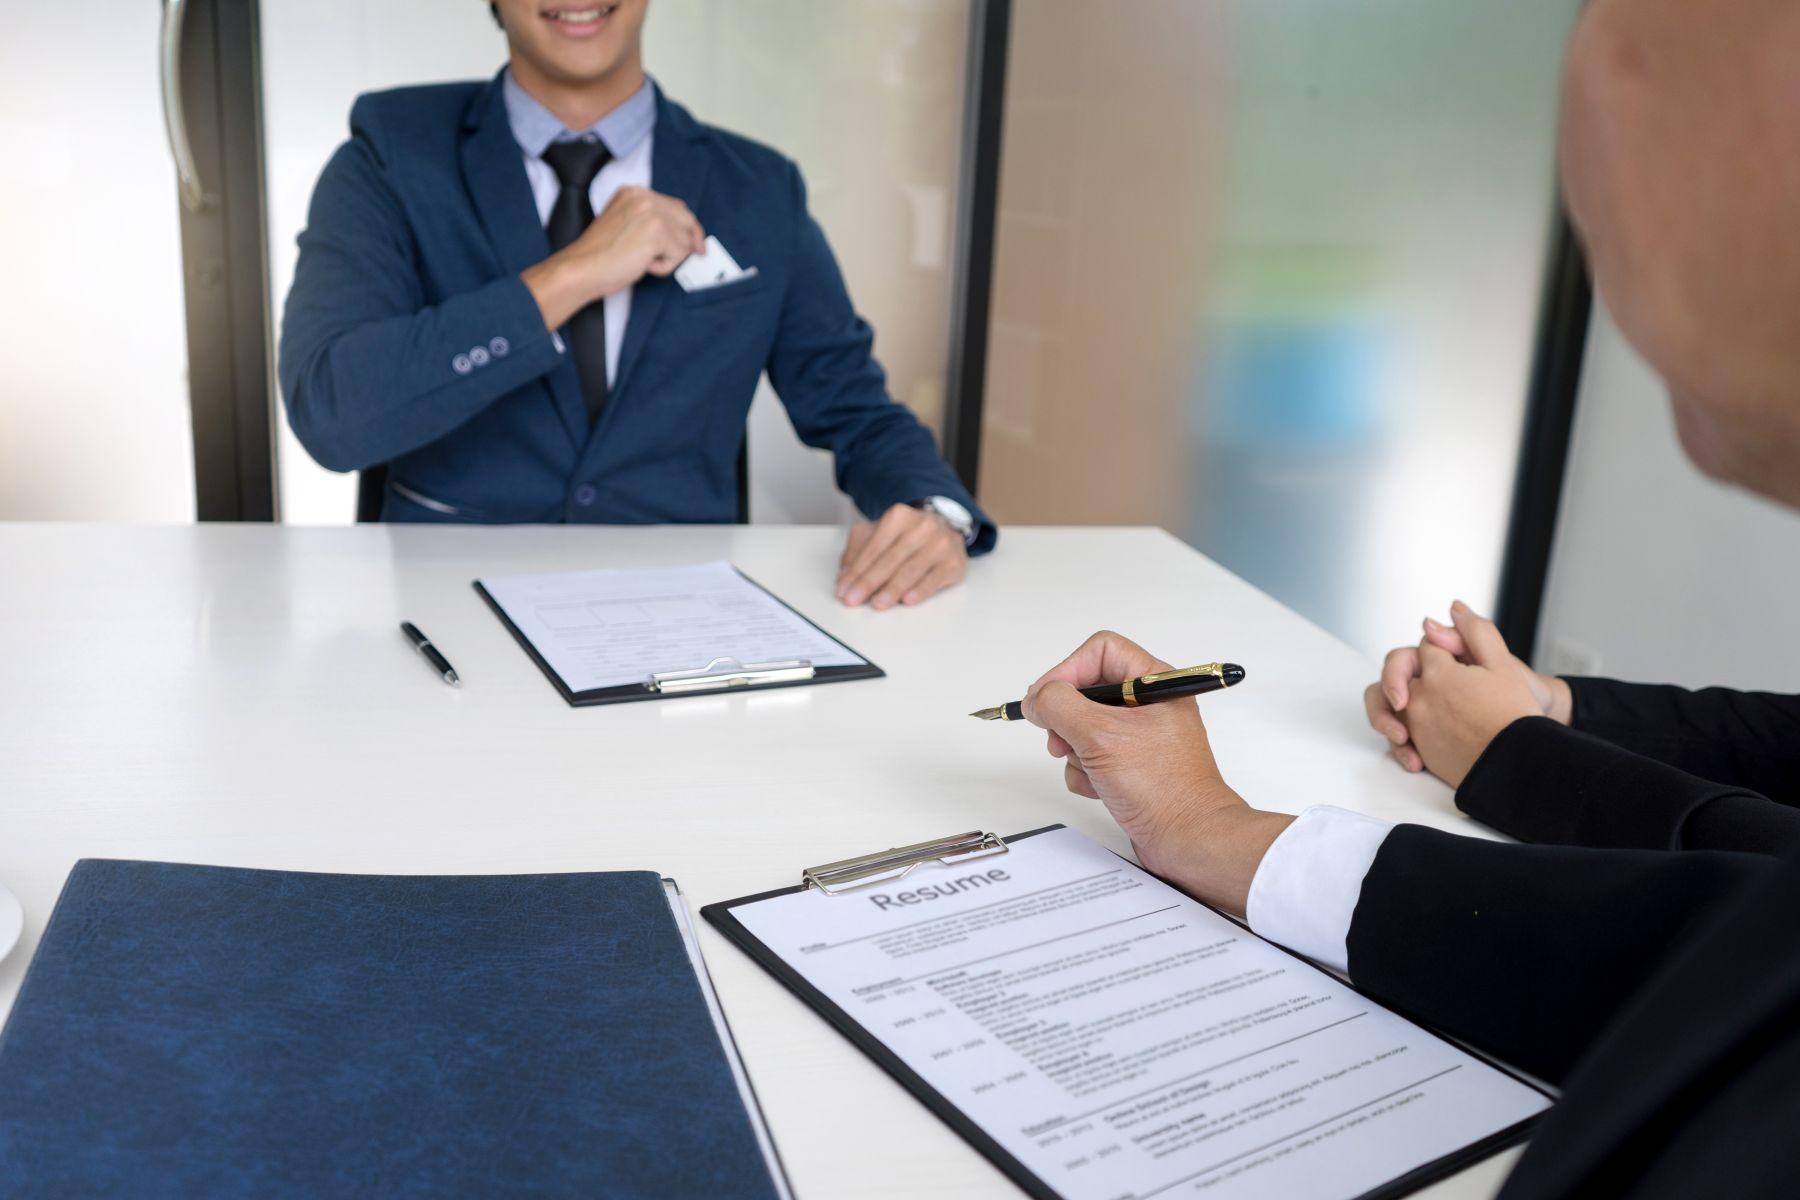 勞基法中沒有規定的「出勤異常通知」,這在實務上到底要怎麼做呢?